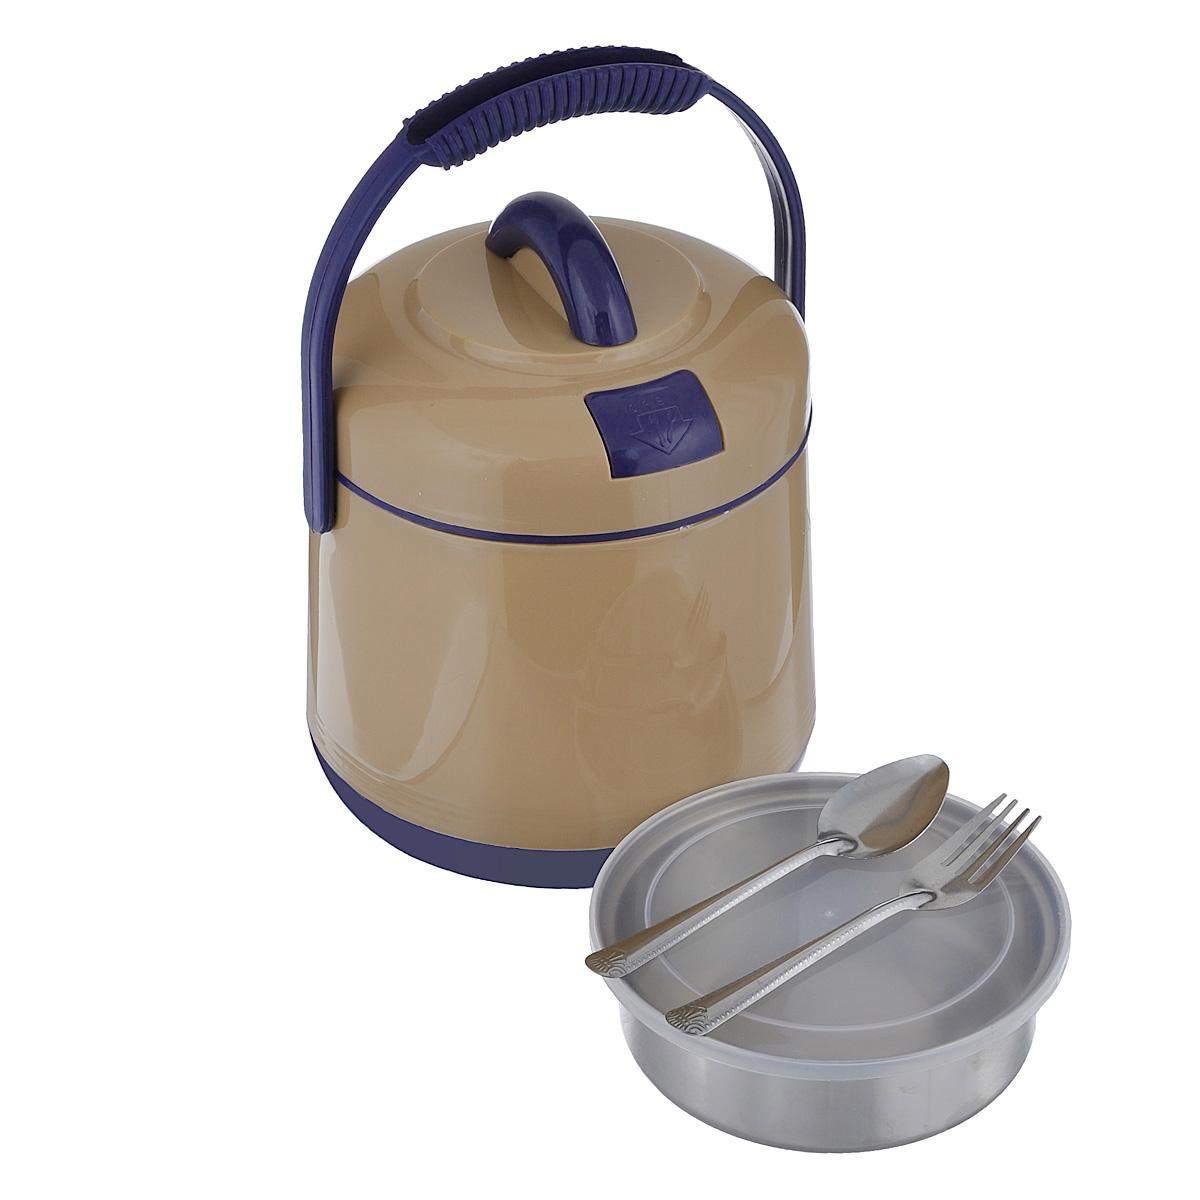 Термос пищевой Mayer & Boch, цвет: бежевый, 1,6 л901Пищевой термос Mayer & Boch предназначен для хранения и переноски горячих и холодных пищевых продуктов. Корпус выполнен из высококачественного пластика. Внутренняя колба изготовлена из нержавеющей стали. Наполнение из жесткого пенопласта сохраняет температуру и свежесть пищи на протяжении 4-5 часов. Пища сохраняет аромат, вкус и питательные вещества. Внутрь вставляется специальная металлическая чаша с прозрачной пластиковой крышкой, что позволяет брать с собой сразу два блюда. В комплекте также предусмотрена ложка и вилка, которые хранятся в специальном отверстие в крышке. Такой термос - идеальный вариант для домашнего использования, для отдыха на природе или поездки. Элегантный и стильный дизайн подходит для любого случая. Размер термоса: 17 см х 17 см х 21 см. Диаметр емкости: 13,5 см. Высота стенки емкости: 4,5 см. Длина ложки/вилки: 14 см.